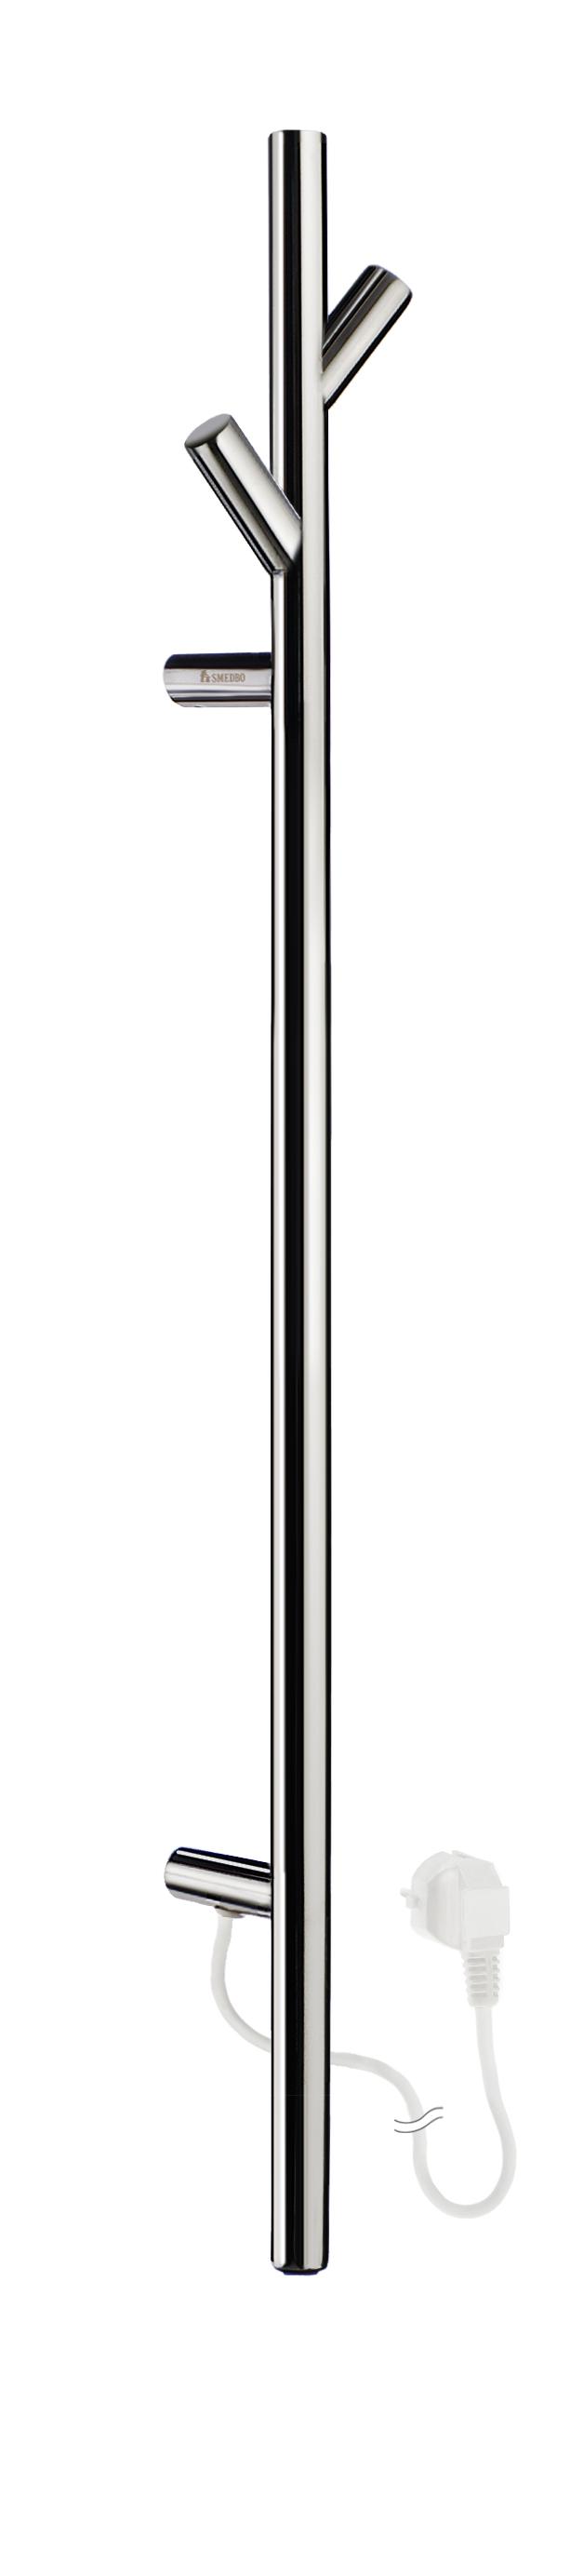 SMEDBO DRY Bad Elektrischer Handtuchwärmer, Baum - kurze Version Edelstahl poliert